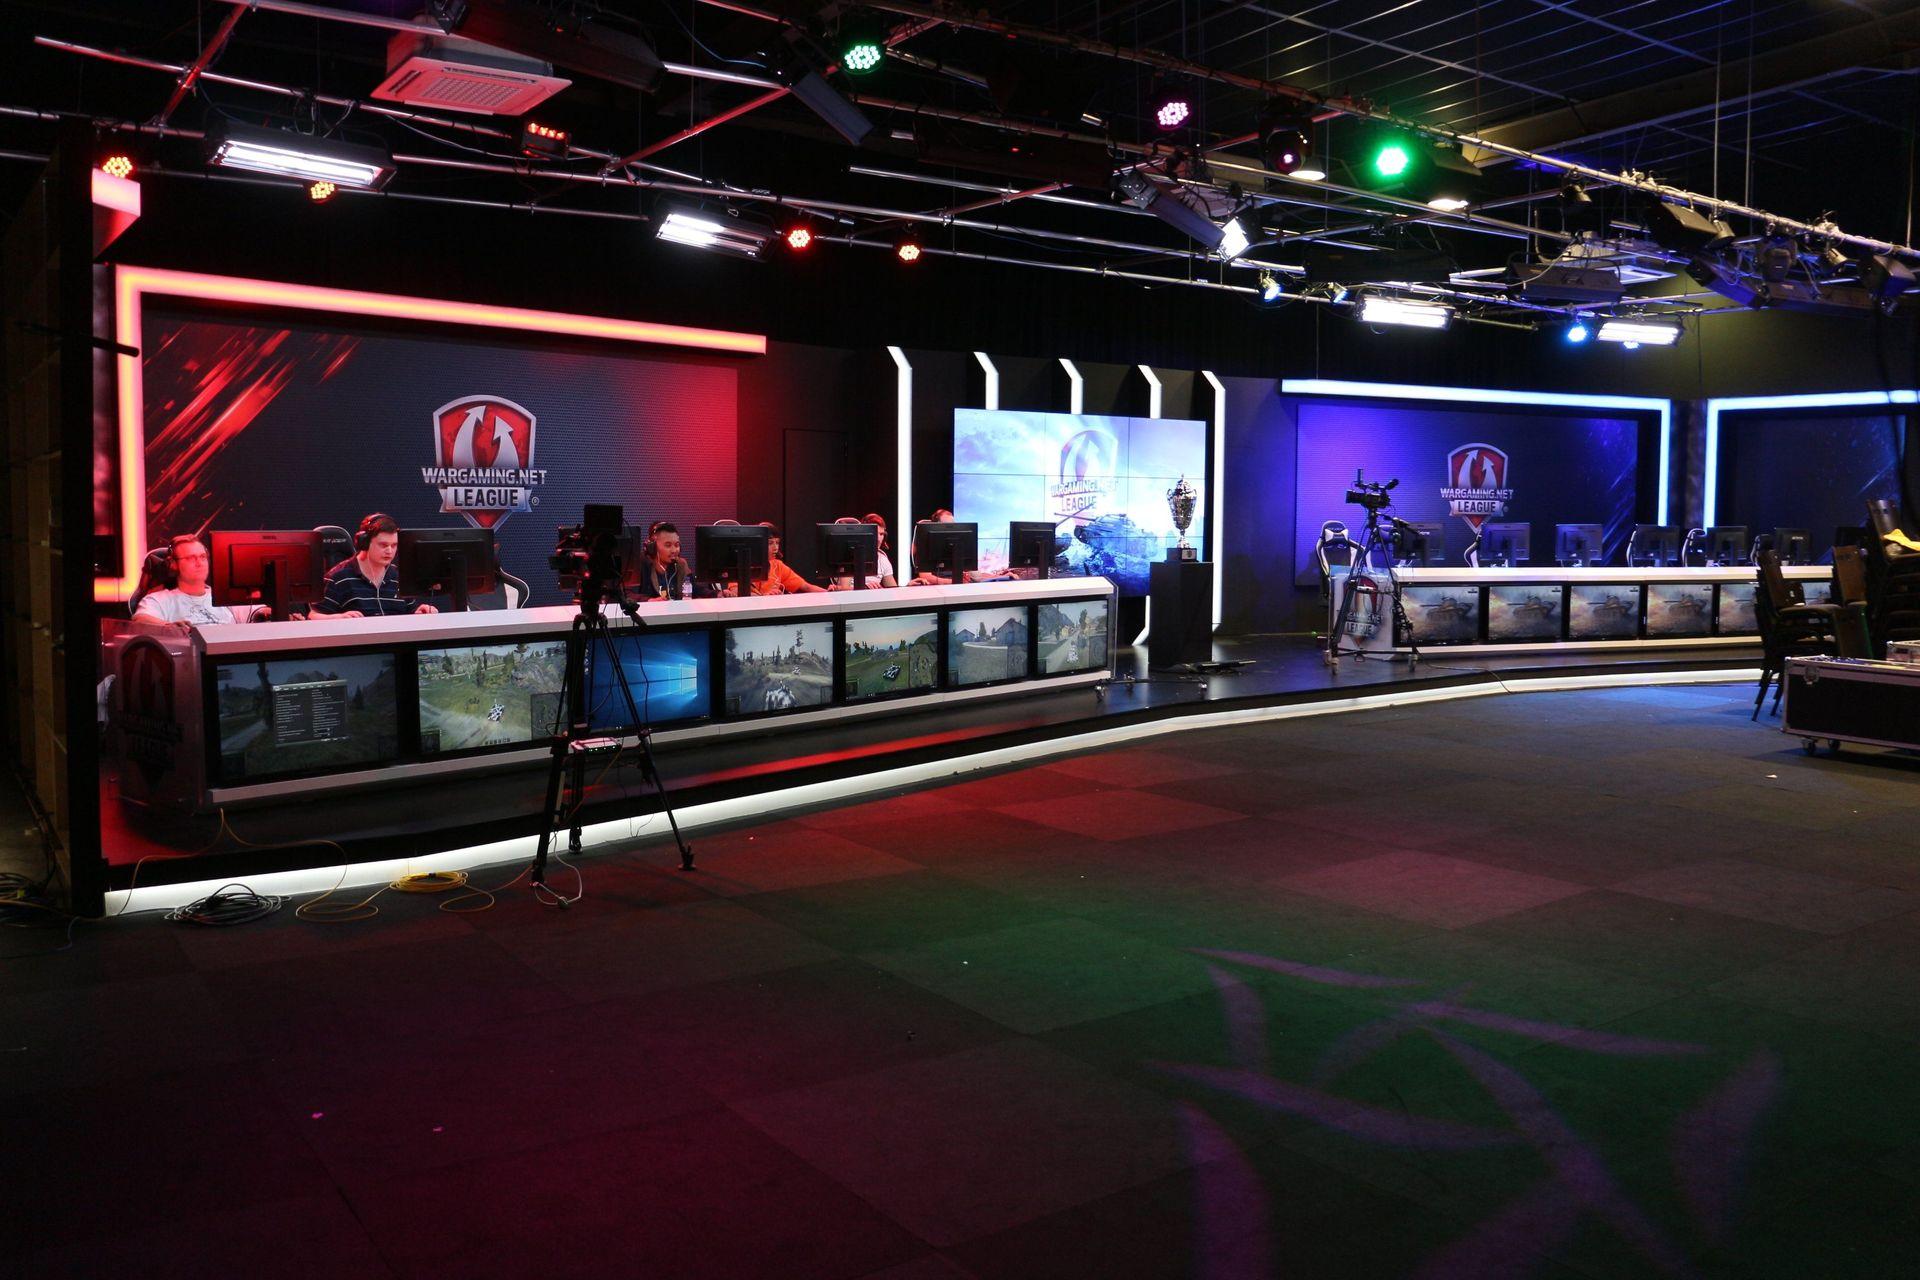 会場となったのは、大会運営でグローバルパートナーシップを結んでいるESLが所有するスタジオESL Studio。スタジオは100人入れば満席ぐらいの規模だが、専用線が引かれており、快適な環境で試合に臨むことができる